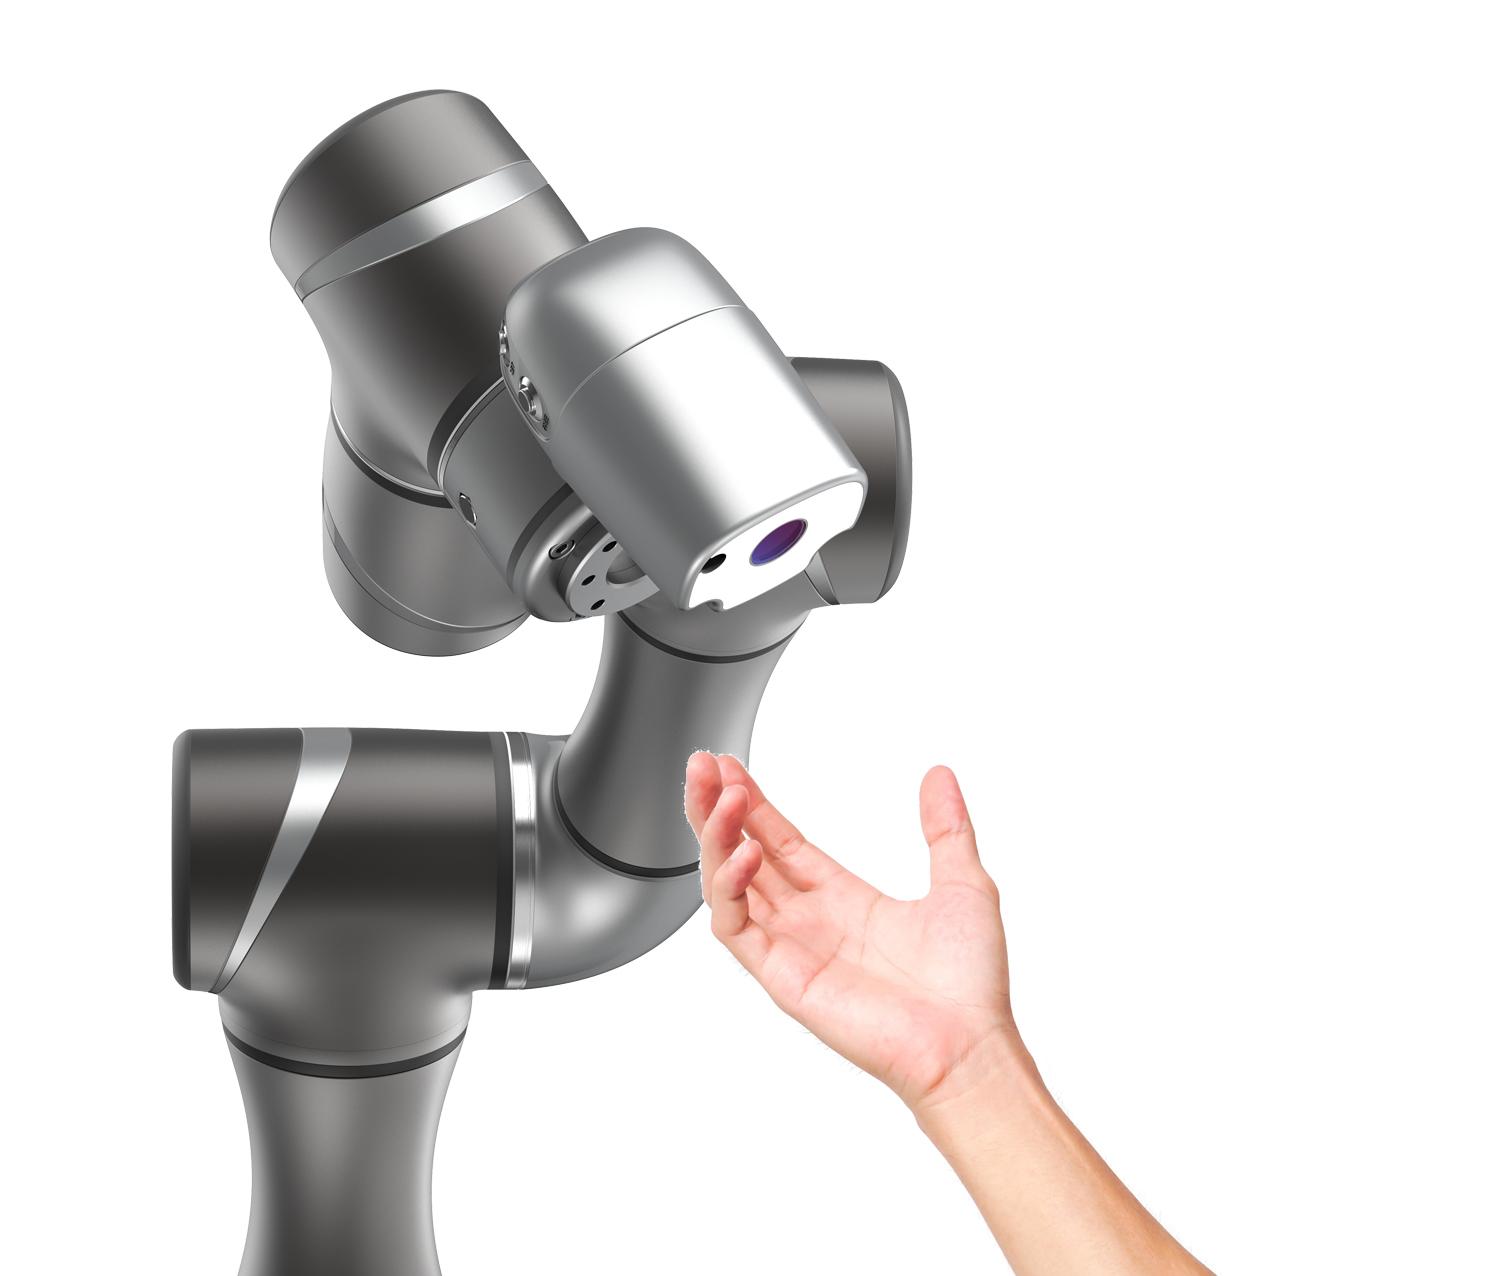 Die TM-Cobots der taiwanesischen Techman werden in Europa nicht nur über Omron vertrieben, sondern auch über Systemintegratoren wie Atlanta Antriebssysteme. Die Leichtbauroboter der Reihe TM lassen sich einfach und schnell intuitiv programmieren.